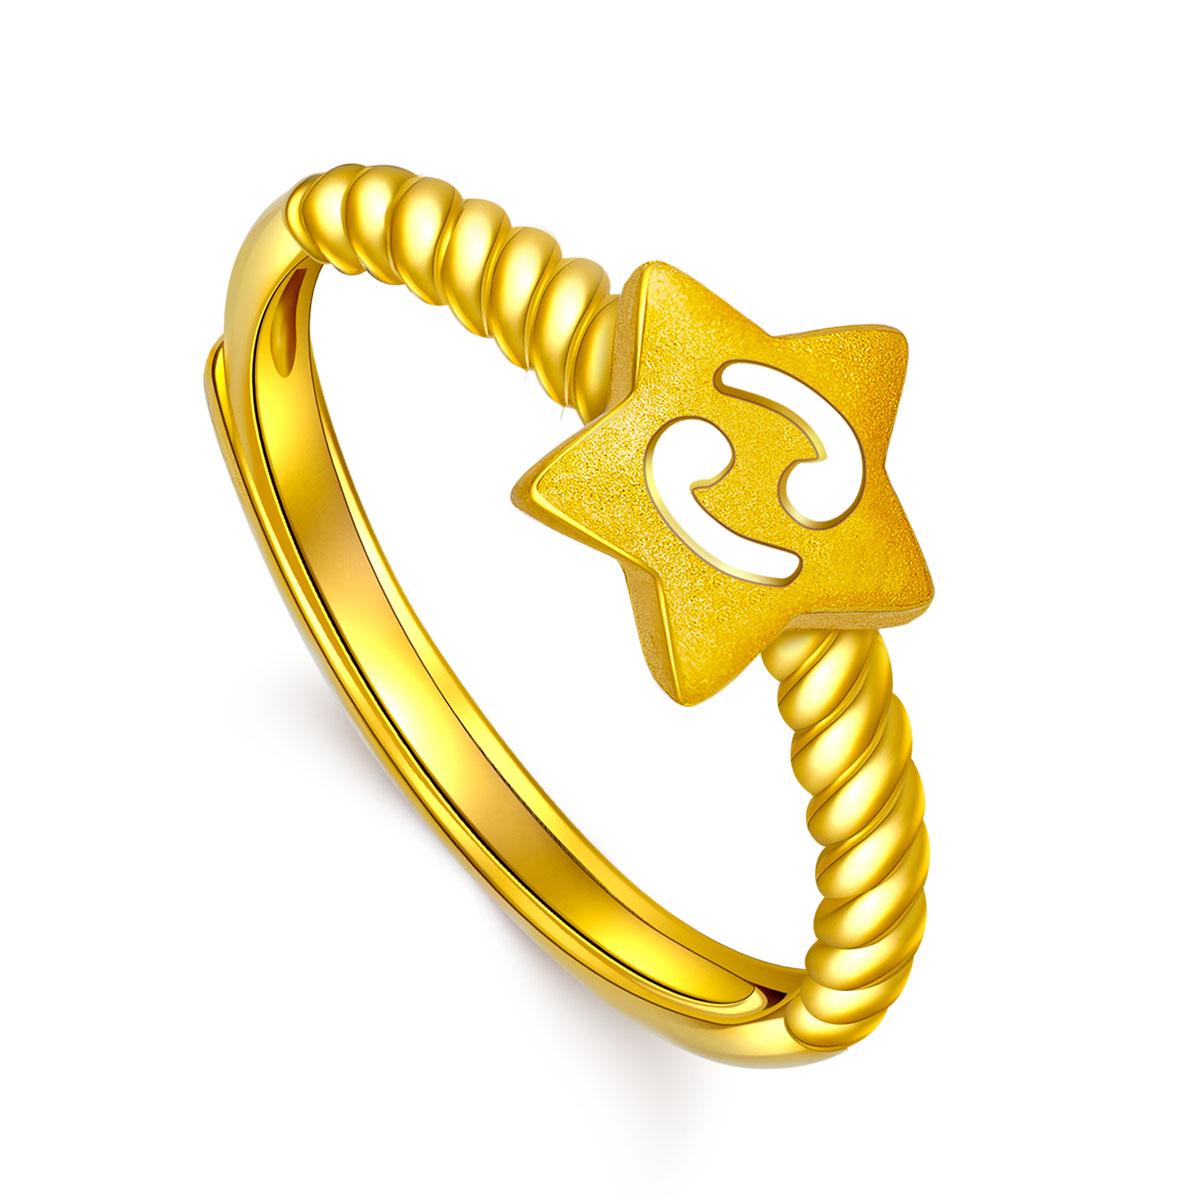 潮宏基星物语 十二星座 足金戒指黄金戒指 计价SRG30001043